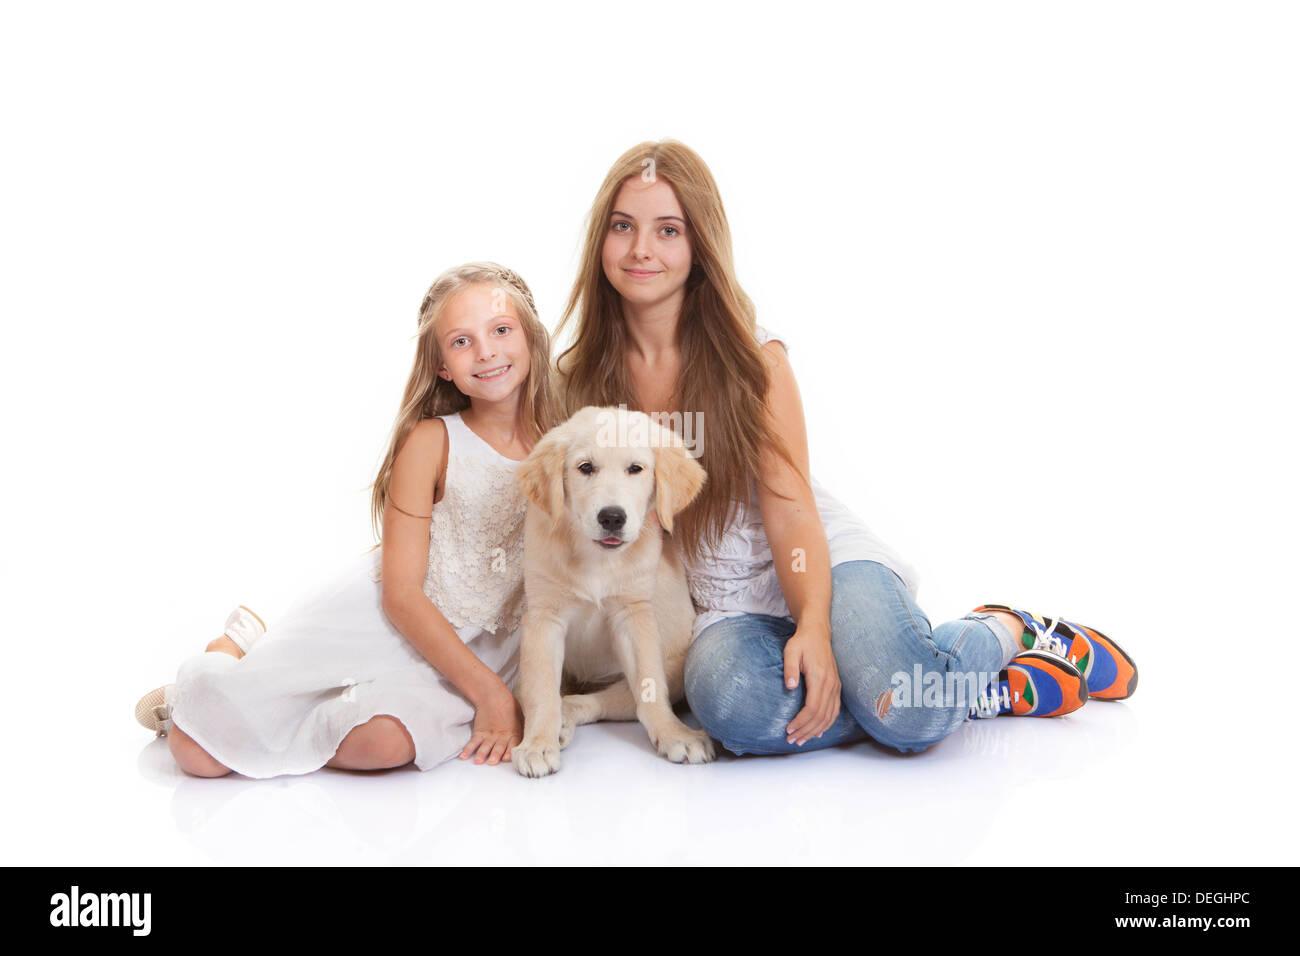 family pet Labrador retriever puppy - Stock Image